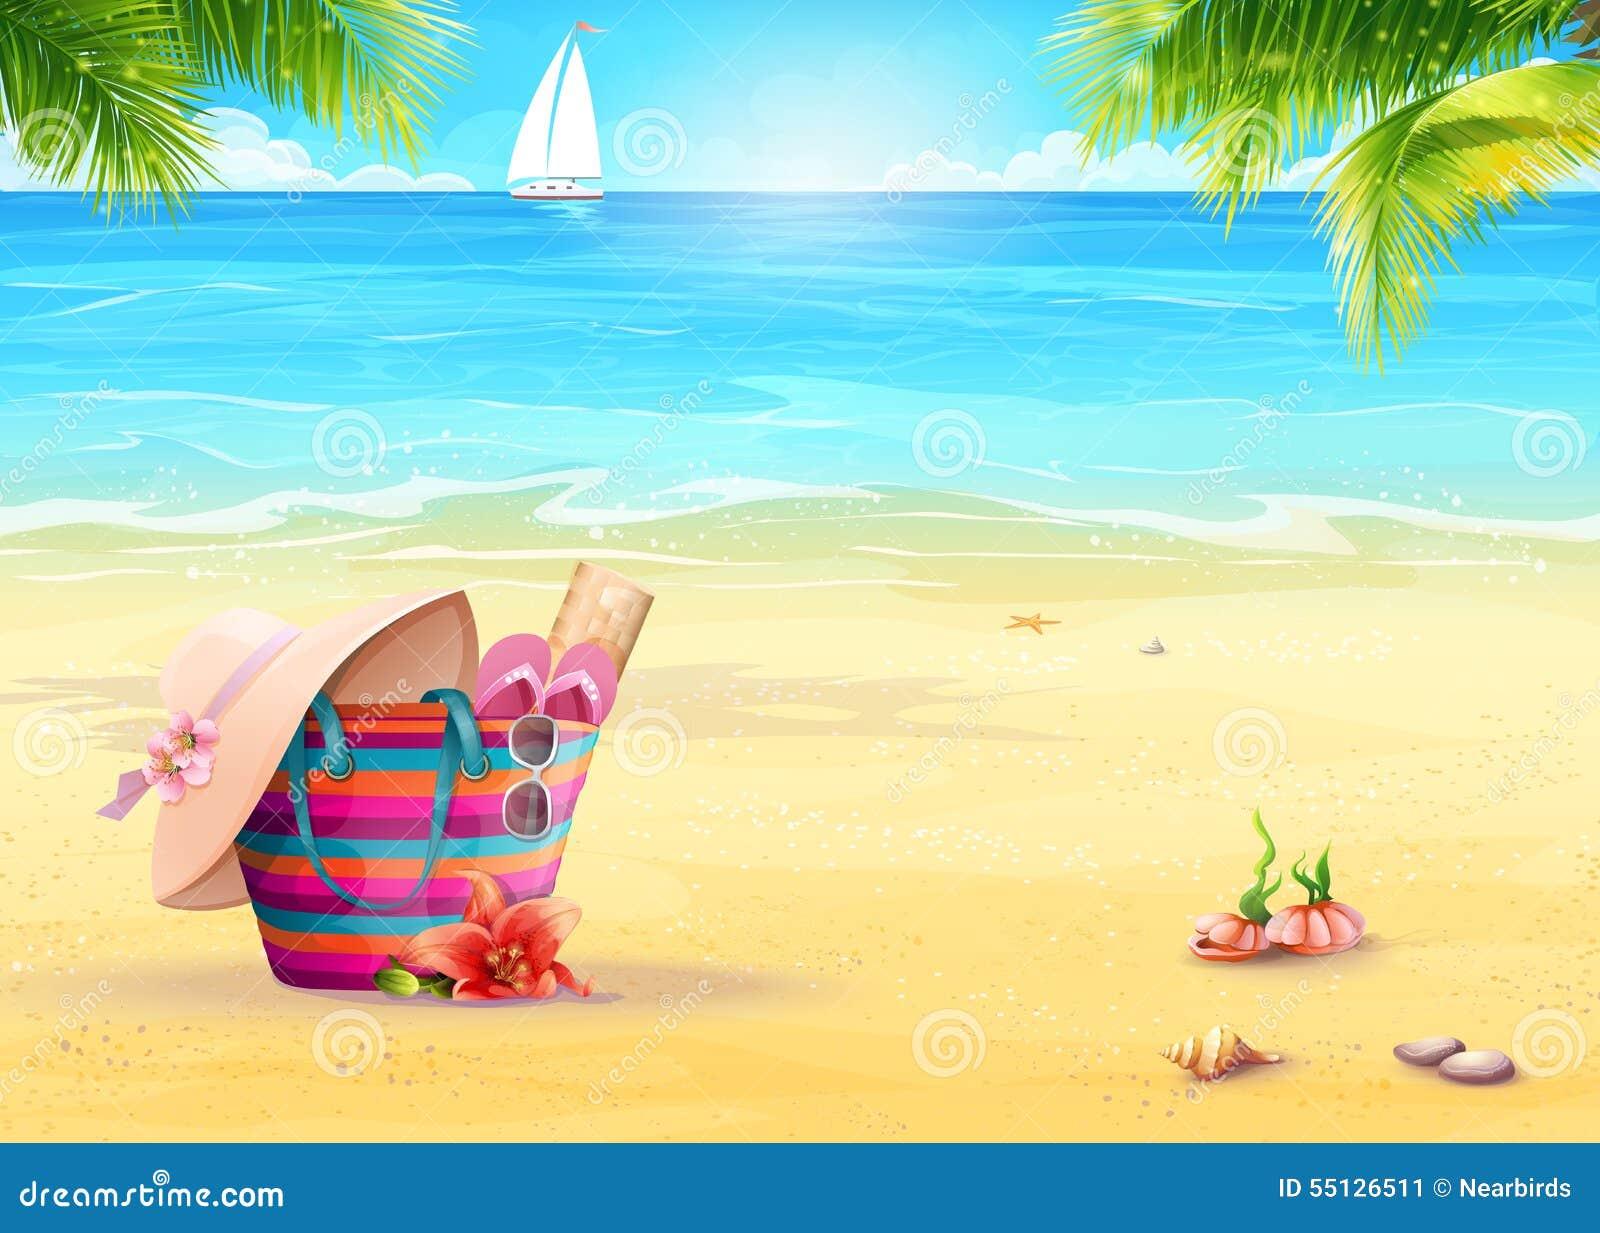 Sommarillustration med en strandpåse i sanden mot havs- och vitsegelbåten